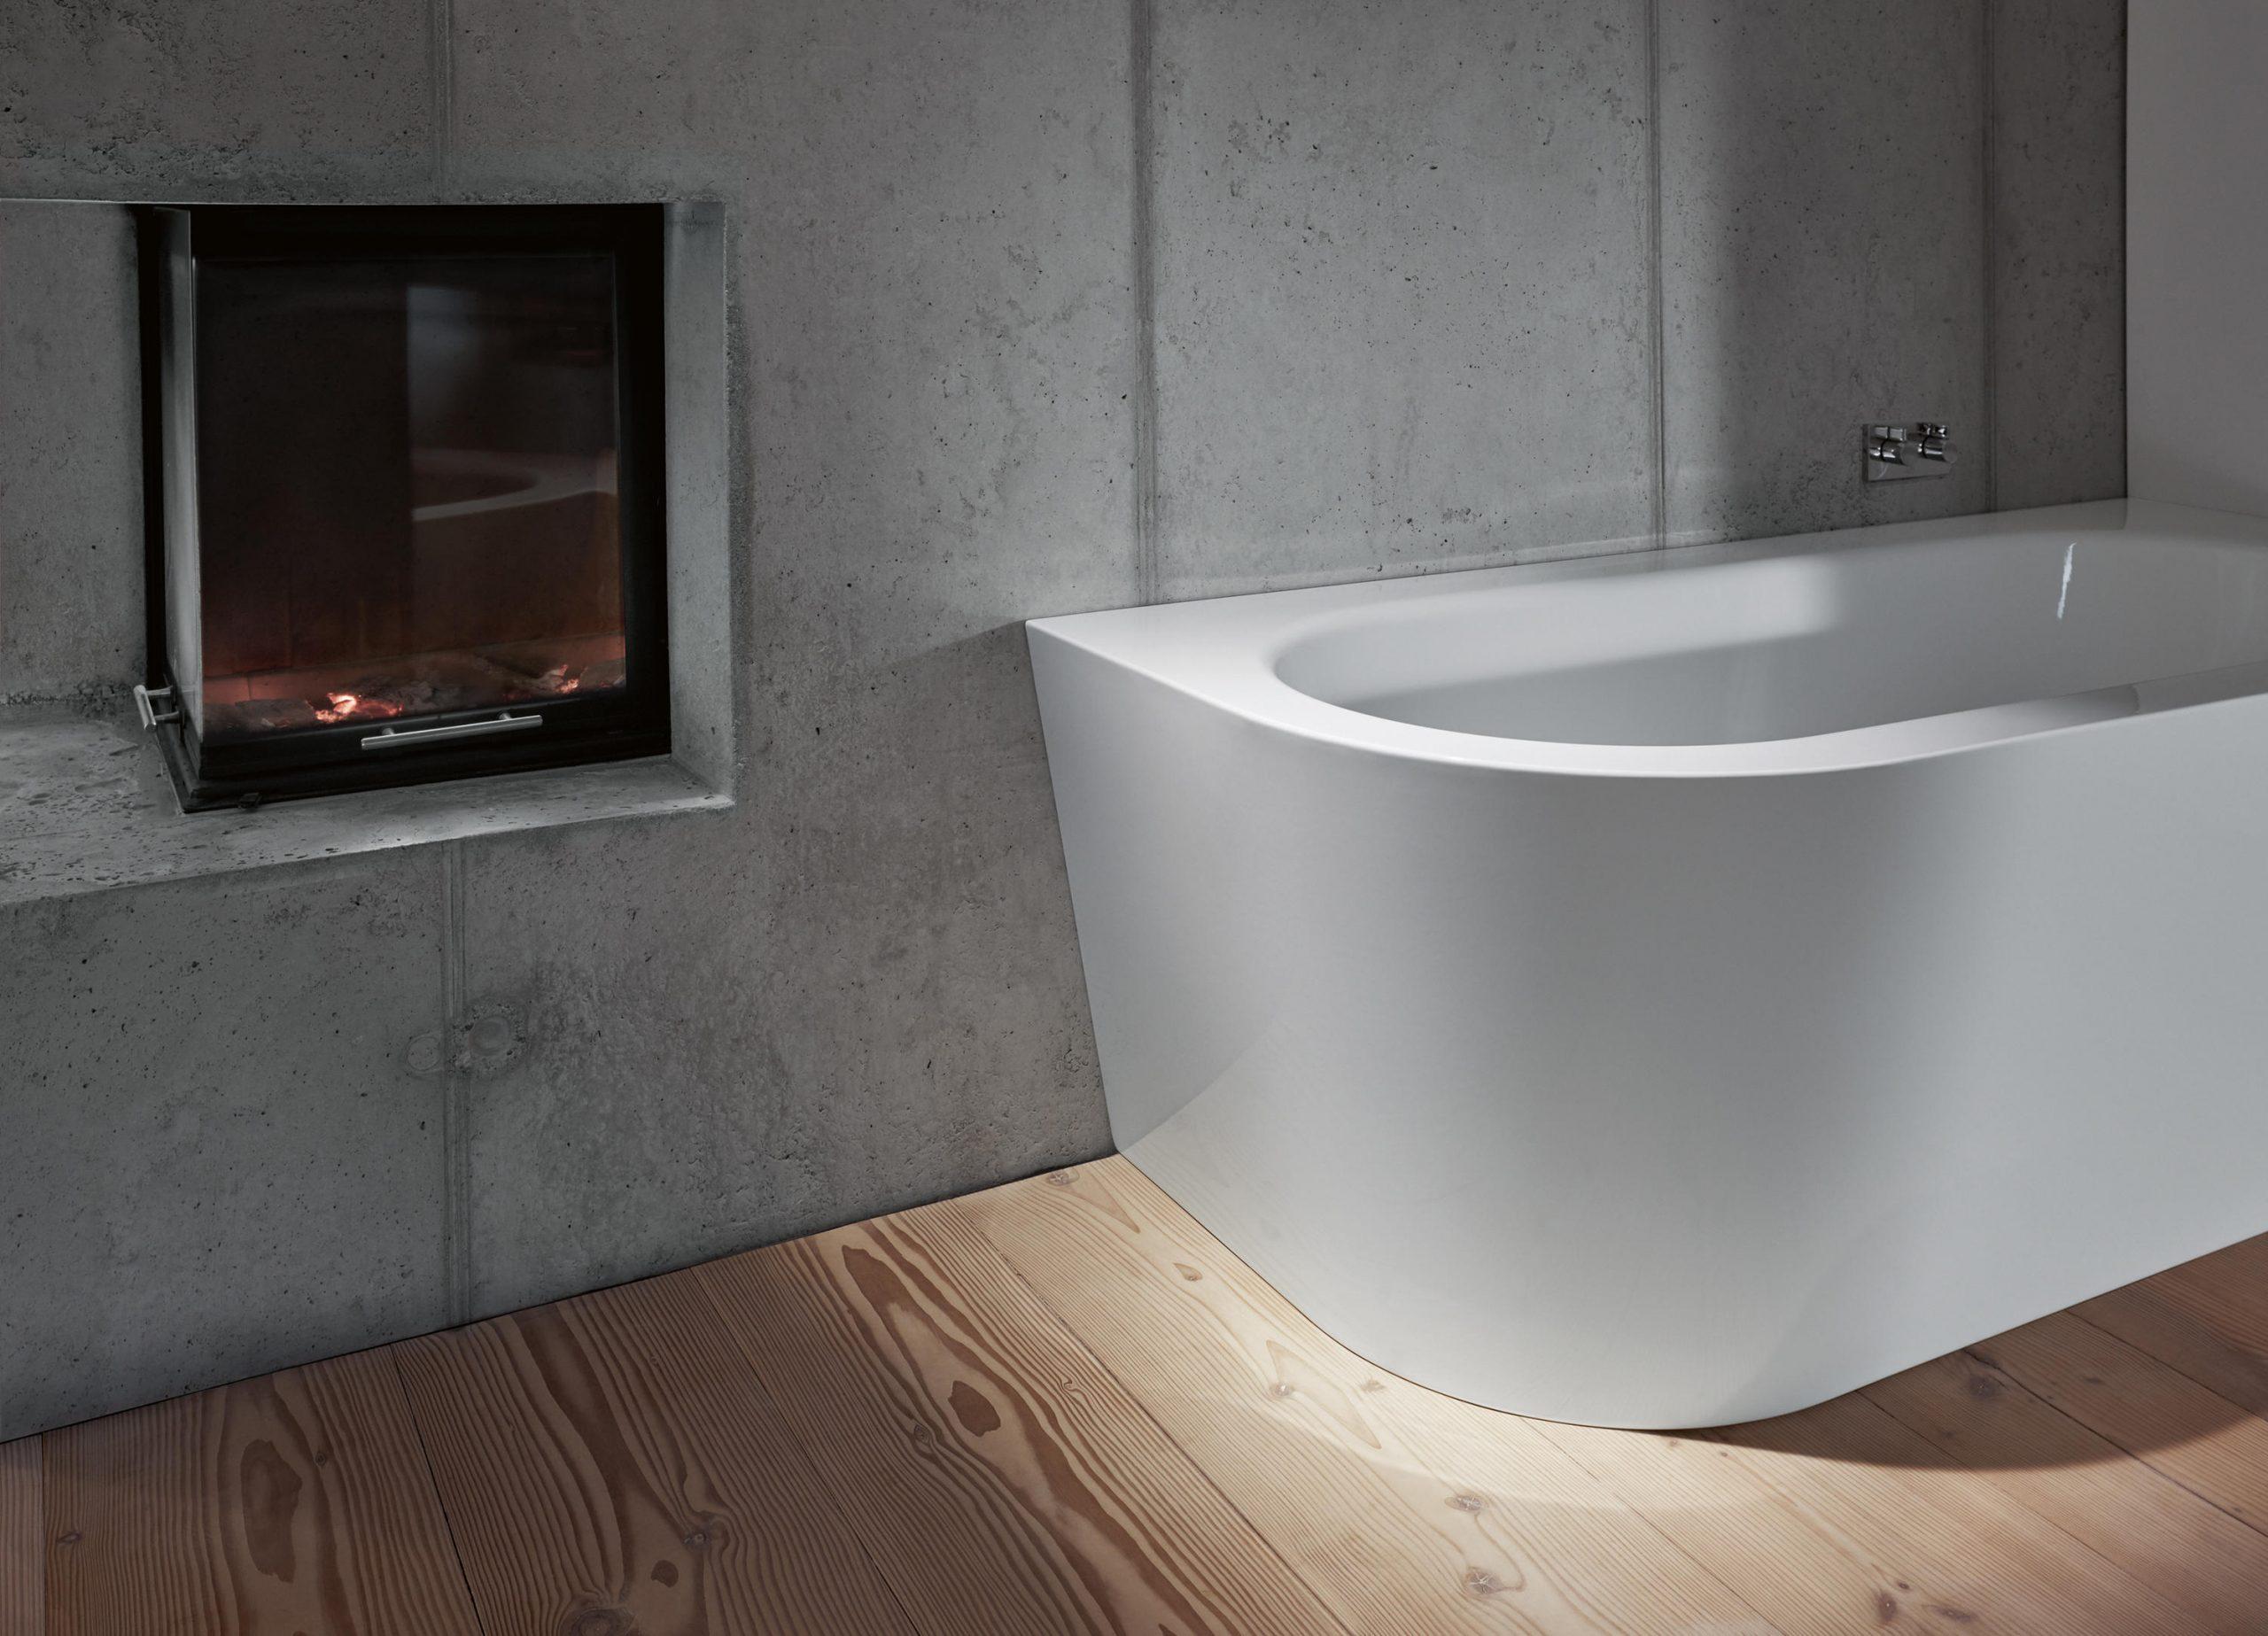 Full Size of Bette Floor Duschwanne Abfluss Reinigen Installation Shower Tray Waste Reinigung Bettestarlet Bathtubs From Architonic Dico Betten Günstig Kaufen Clinique Bett Bette Floor